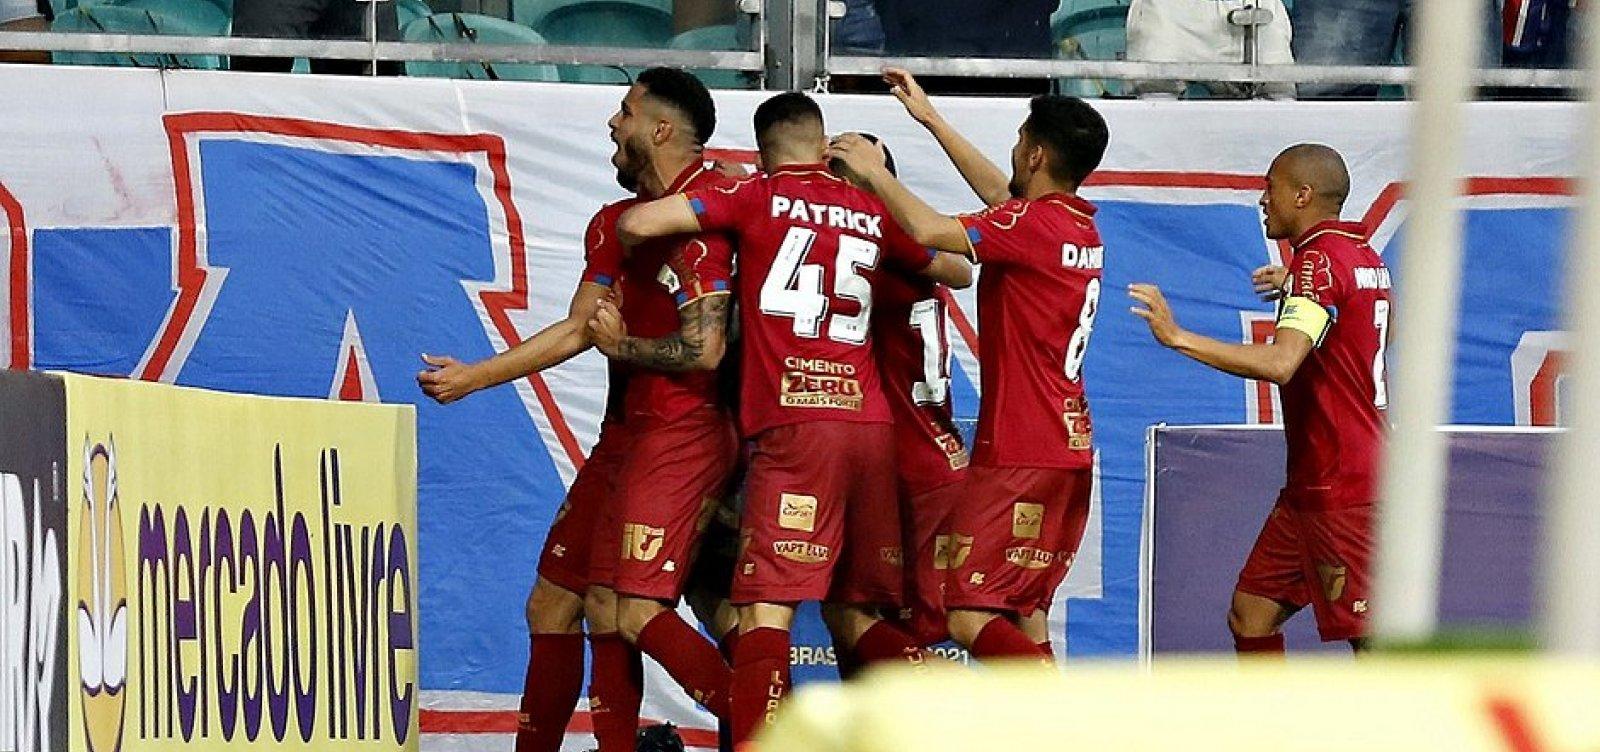 Com gol no primeiro minuto de jogo, Bahia vence Chapecoense